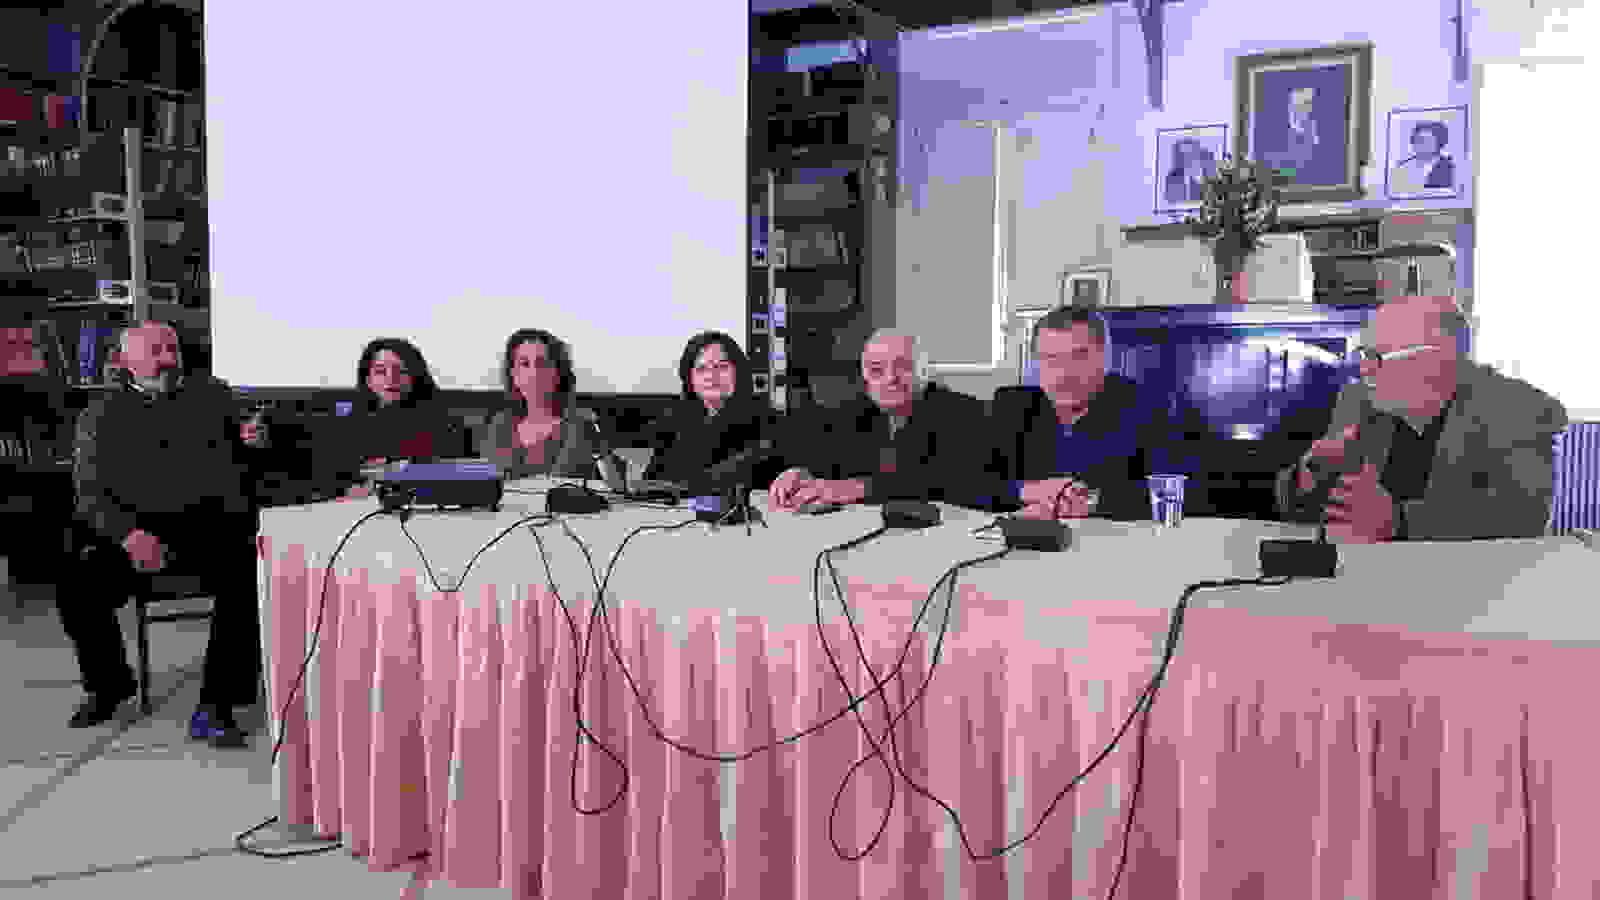 Αυτοί είναι οι πρώτοι υποψήφιοι του Θεόδωρου Γαλιατσάτου στην Κεφαλονιά